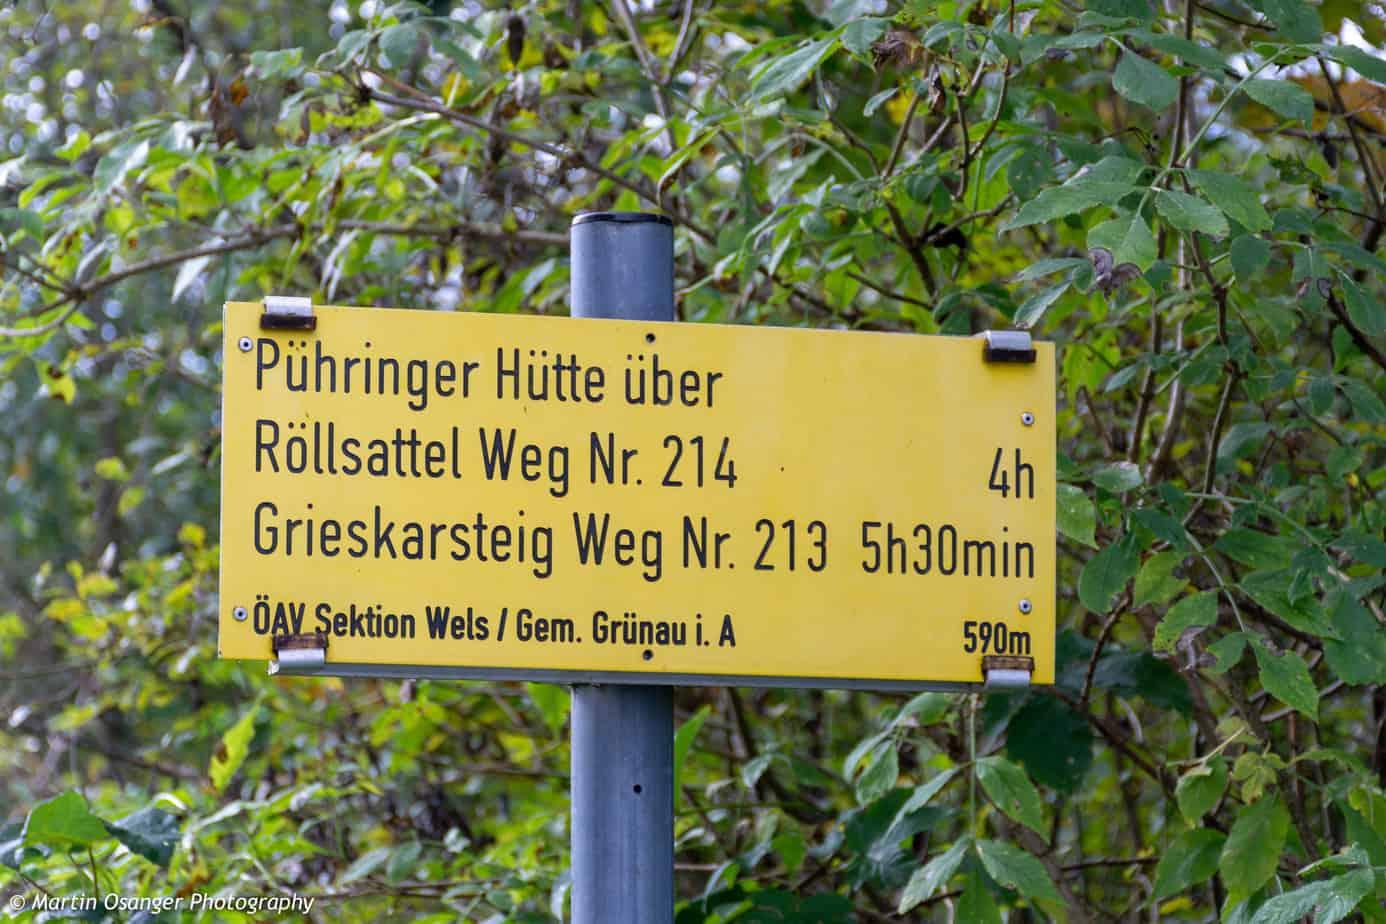 Wegweiser zur Pühringer Hütte